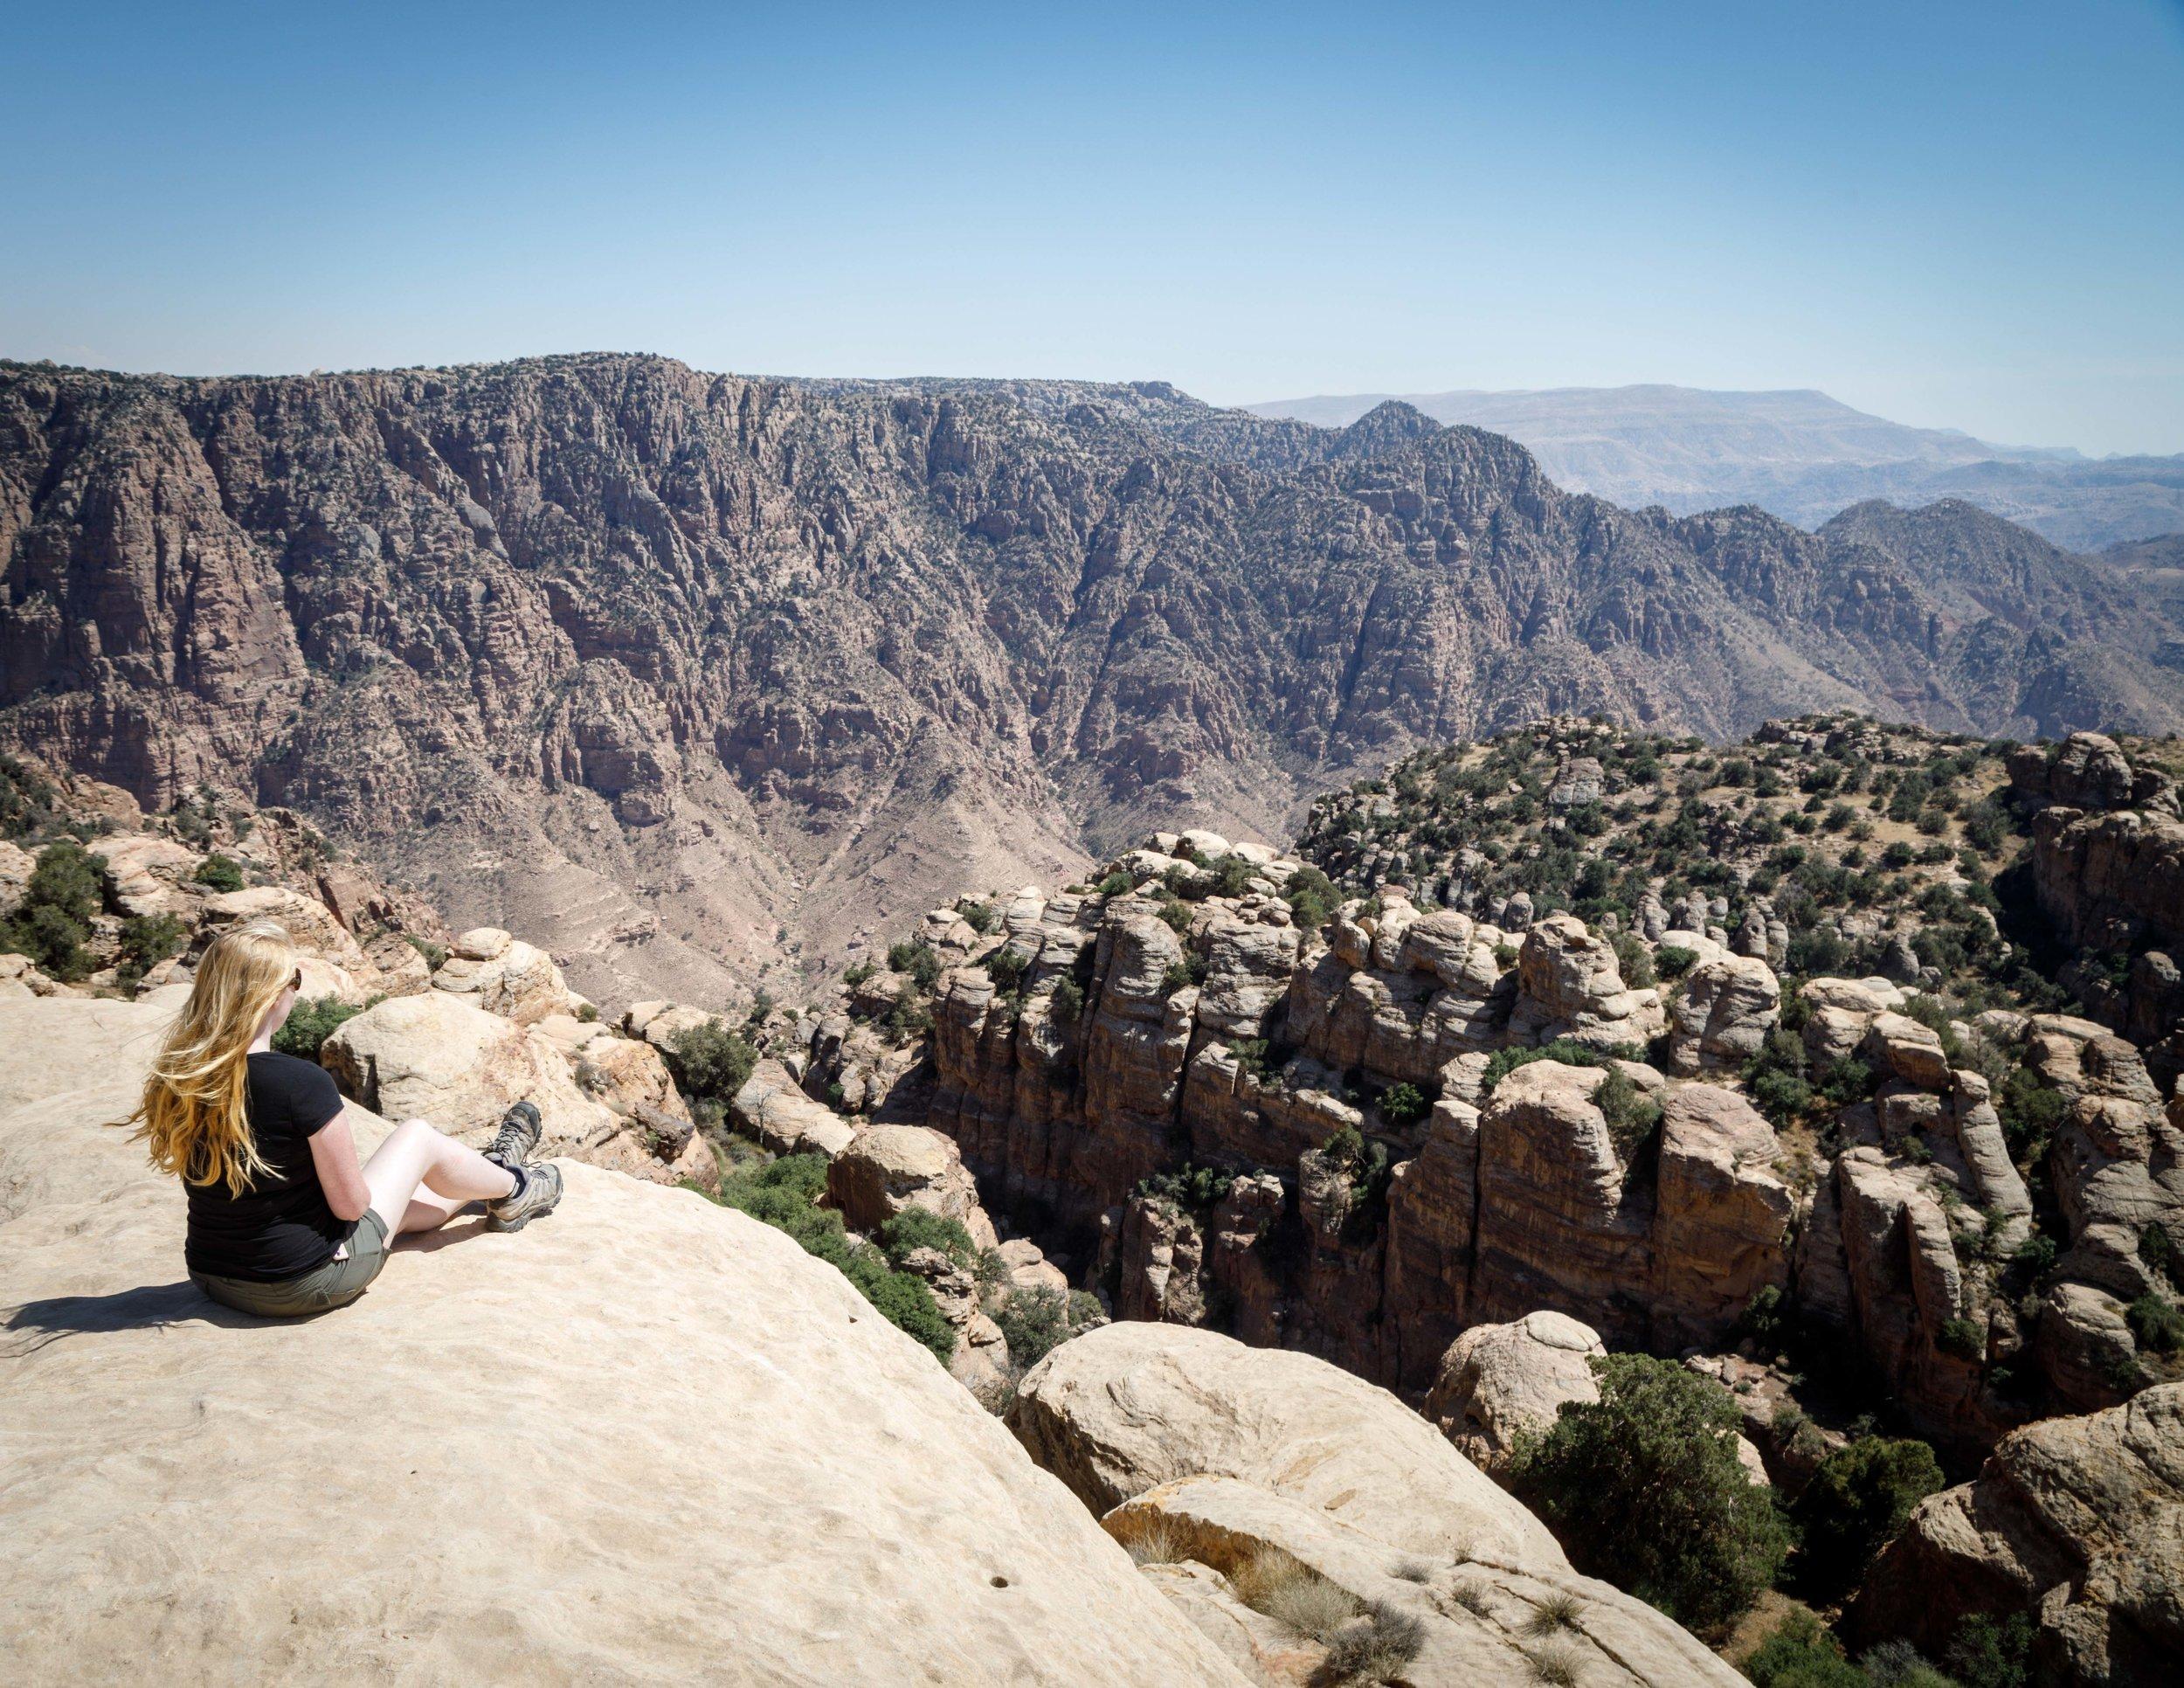 Places to visit in Jordan - Hiking in Dana